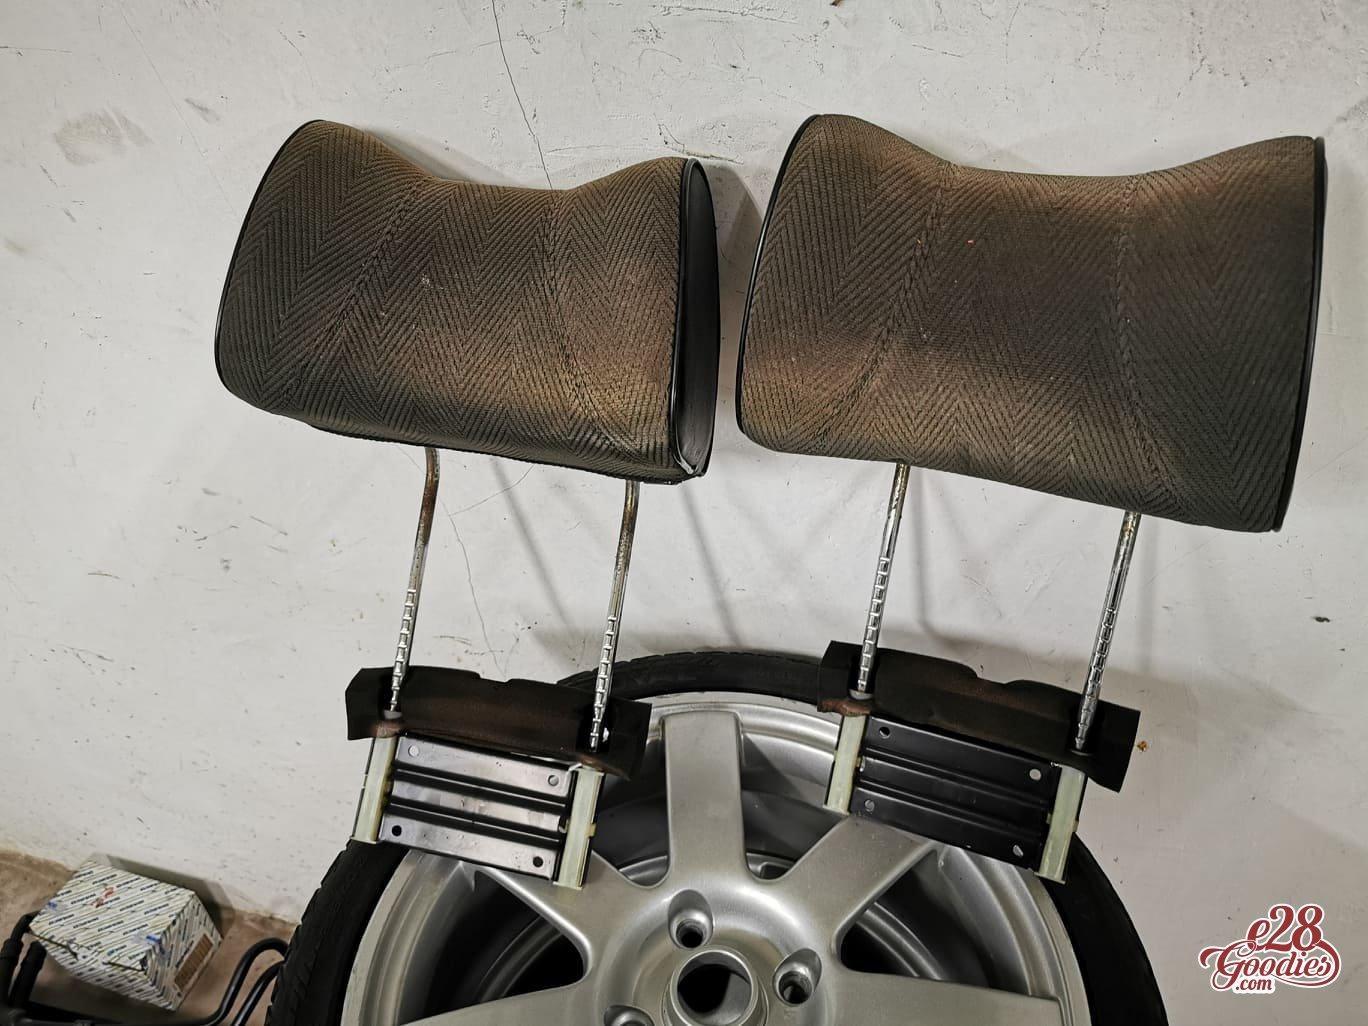 Rear headrests.